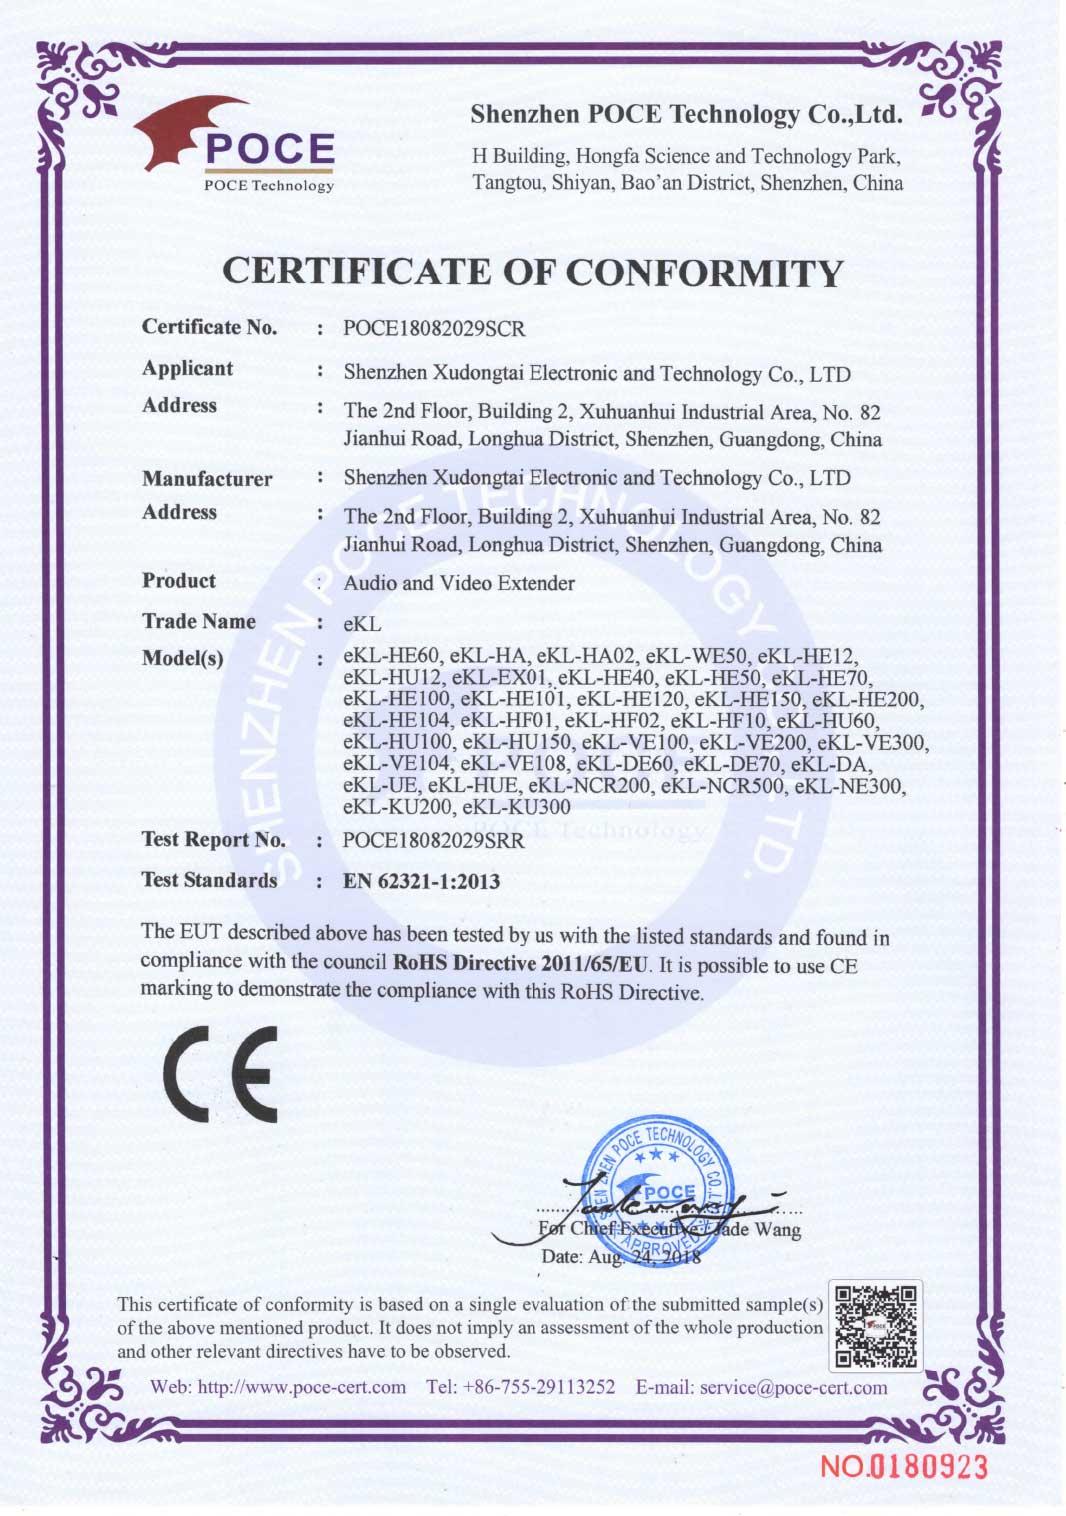 Extender RoHS certificate